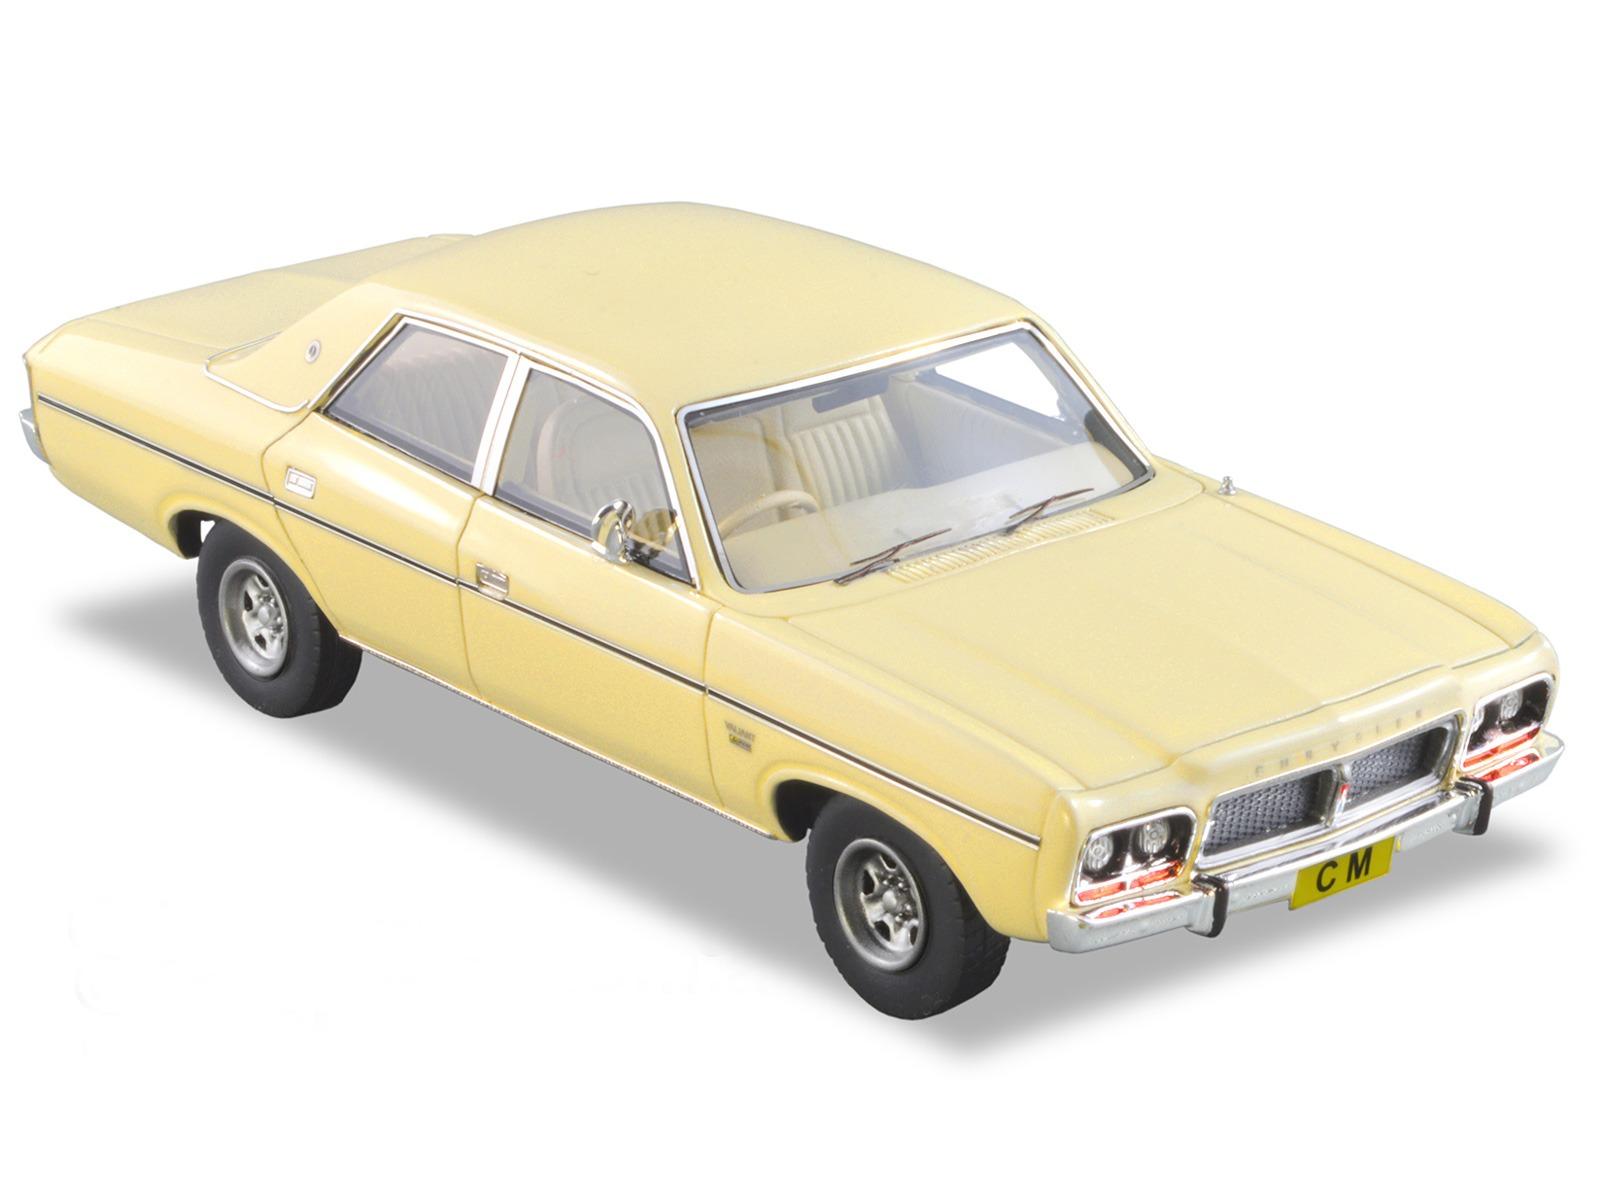 1981 CM Valiant – Classic Yellow